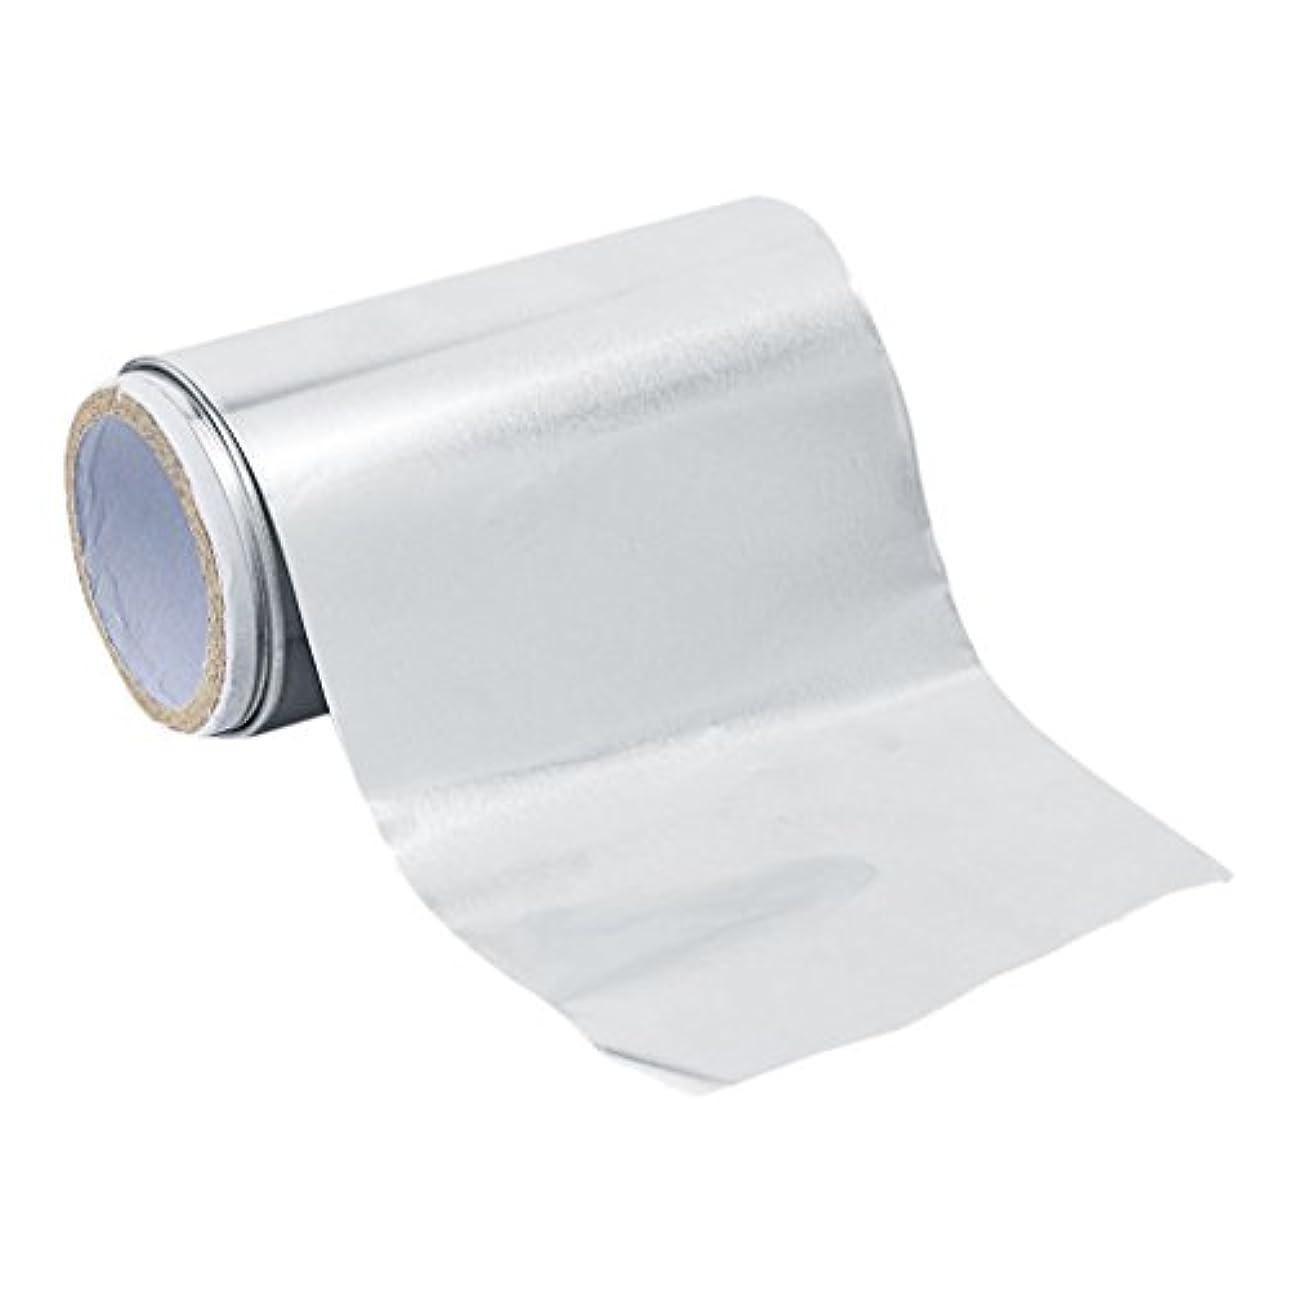 セール反動放棄Fenteer アルミニウム ヘア/ネイル用 錫箔紙 ネイルアート 爪化粧用具  クリーナーツール ジェル除却 5m